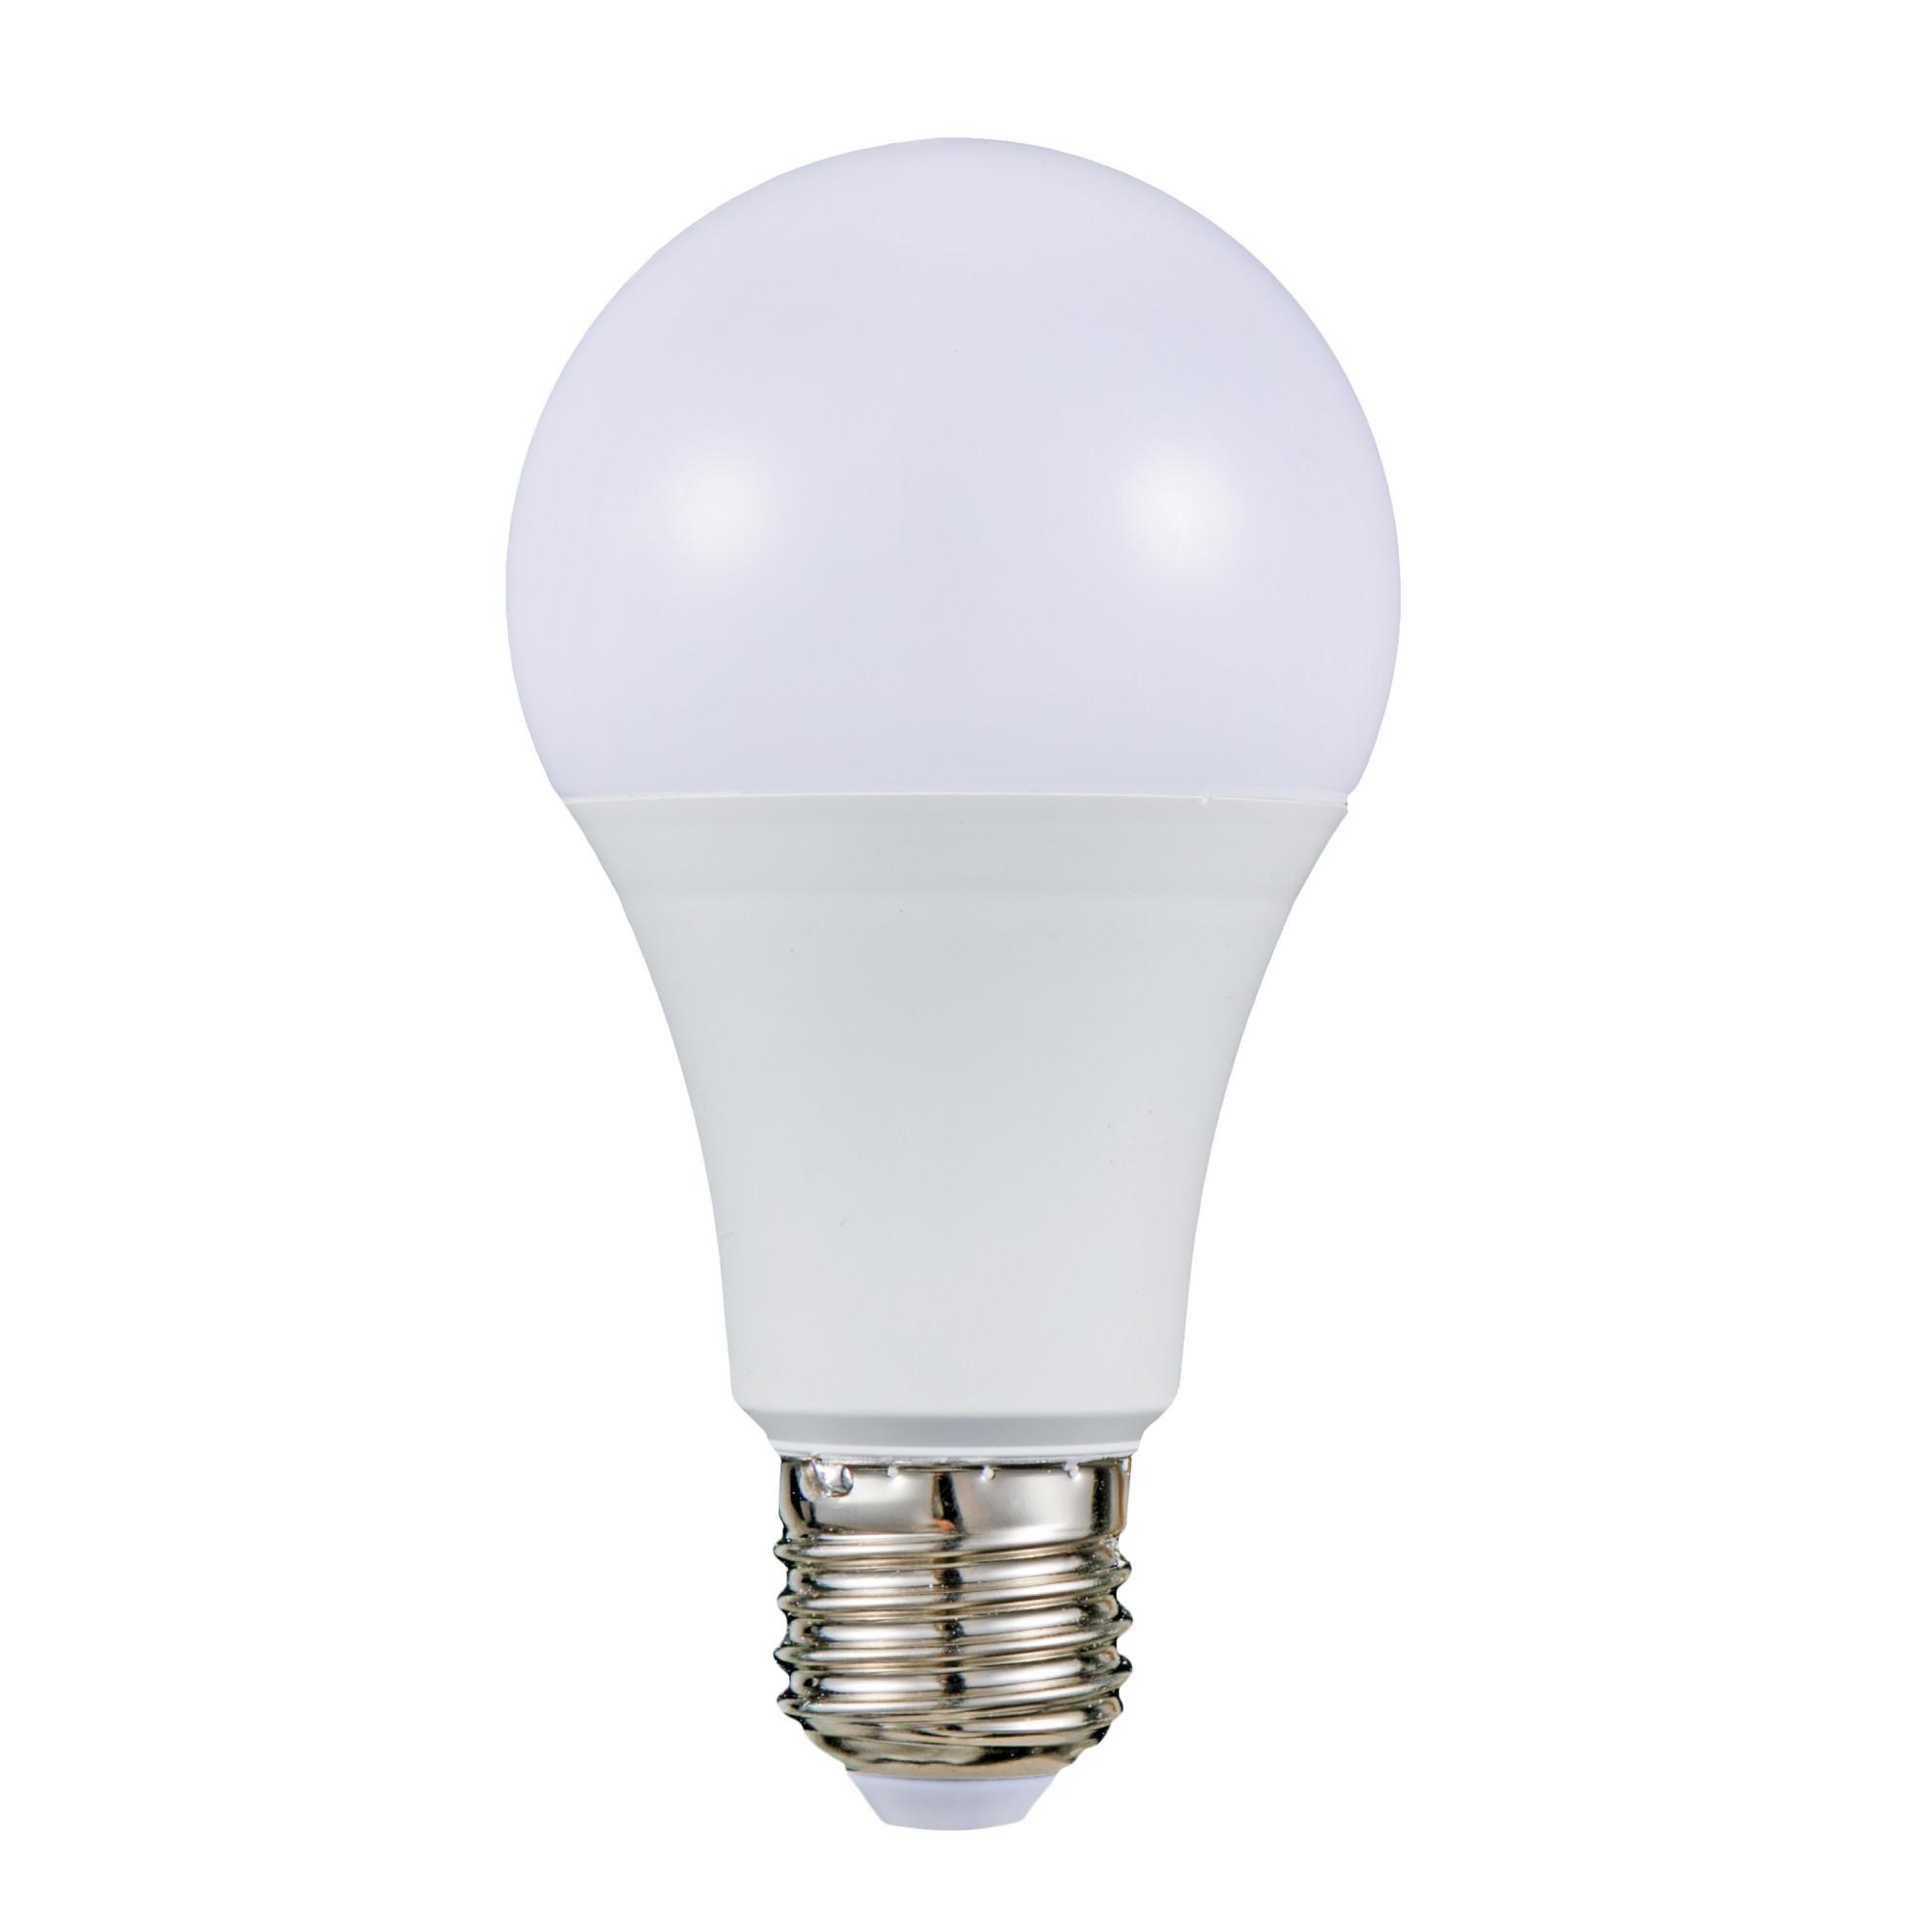 Лампа светодиодная Lexman E27 15.5 Вт 1901 Лм свет нейтральный